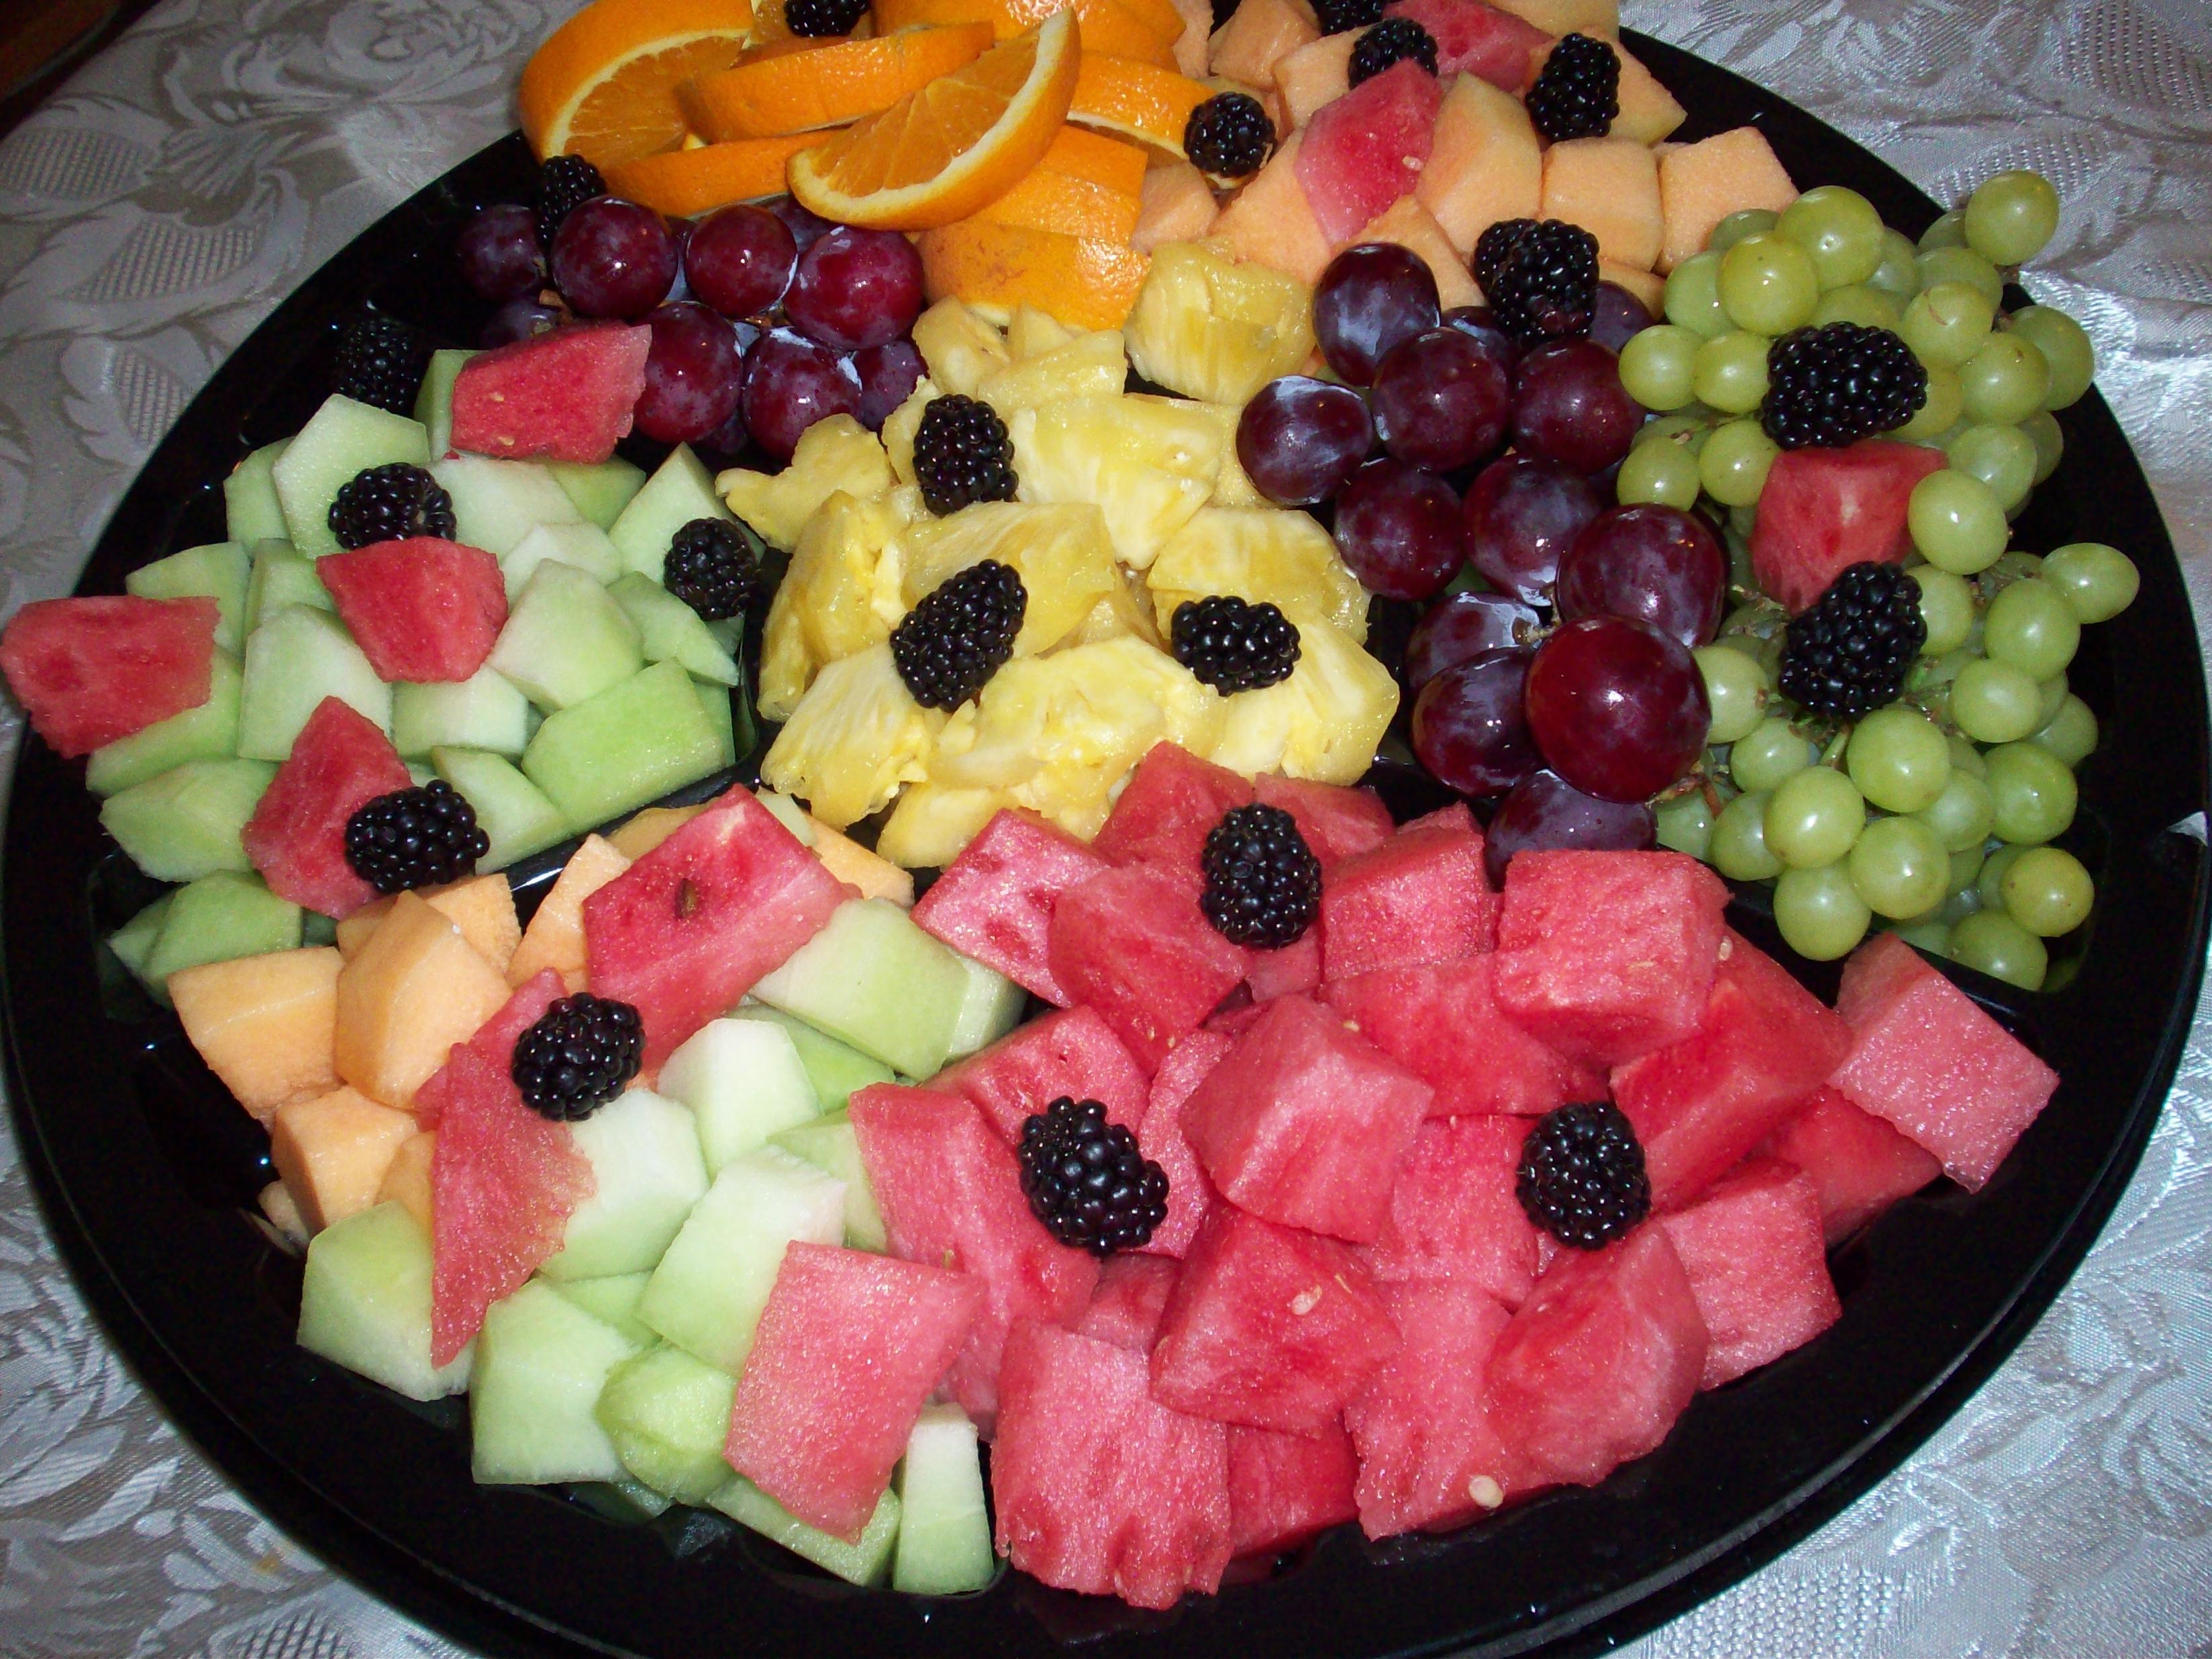 http://foodloader.net/cutie_2010-06-12_Assorted_Fruits.jpg